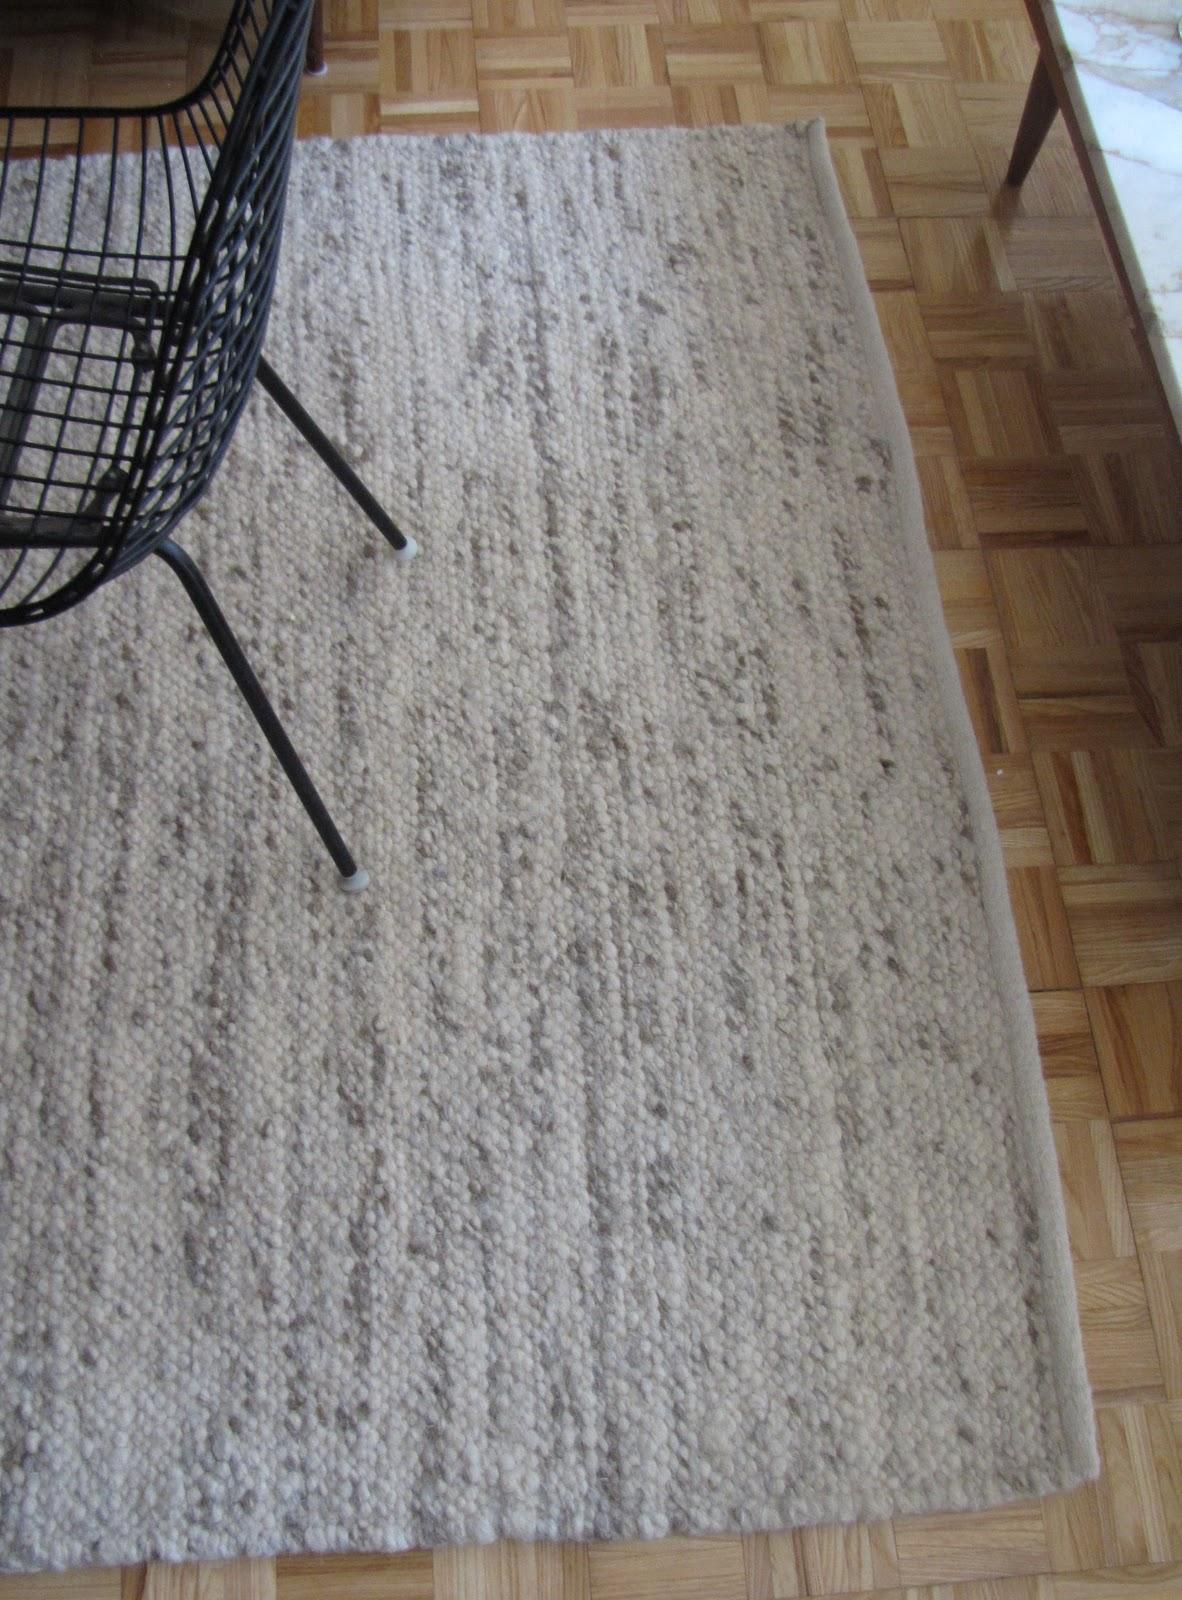 west elm sweater rug reviews  Home Decor